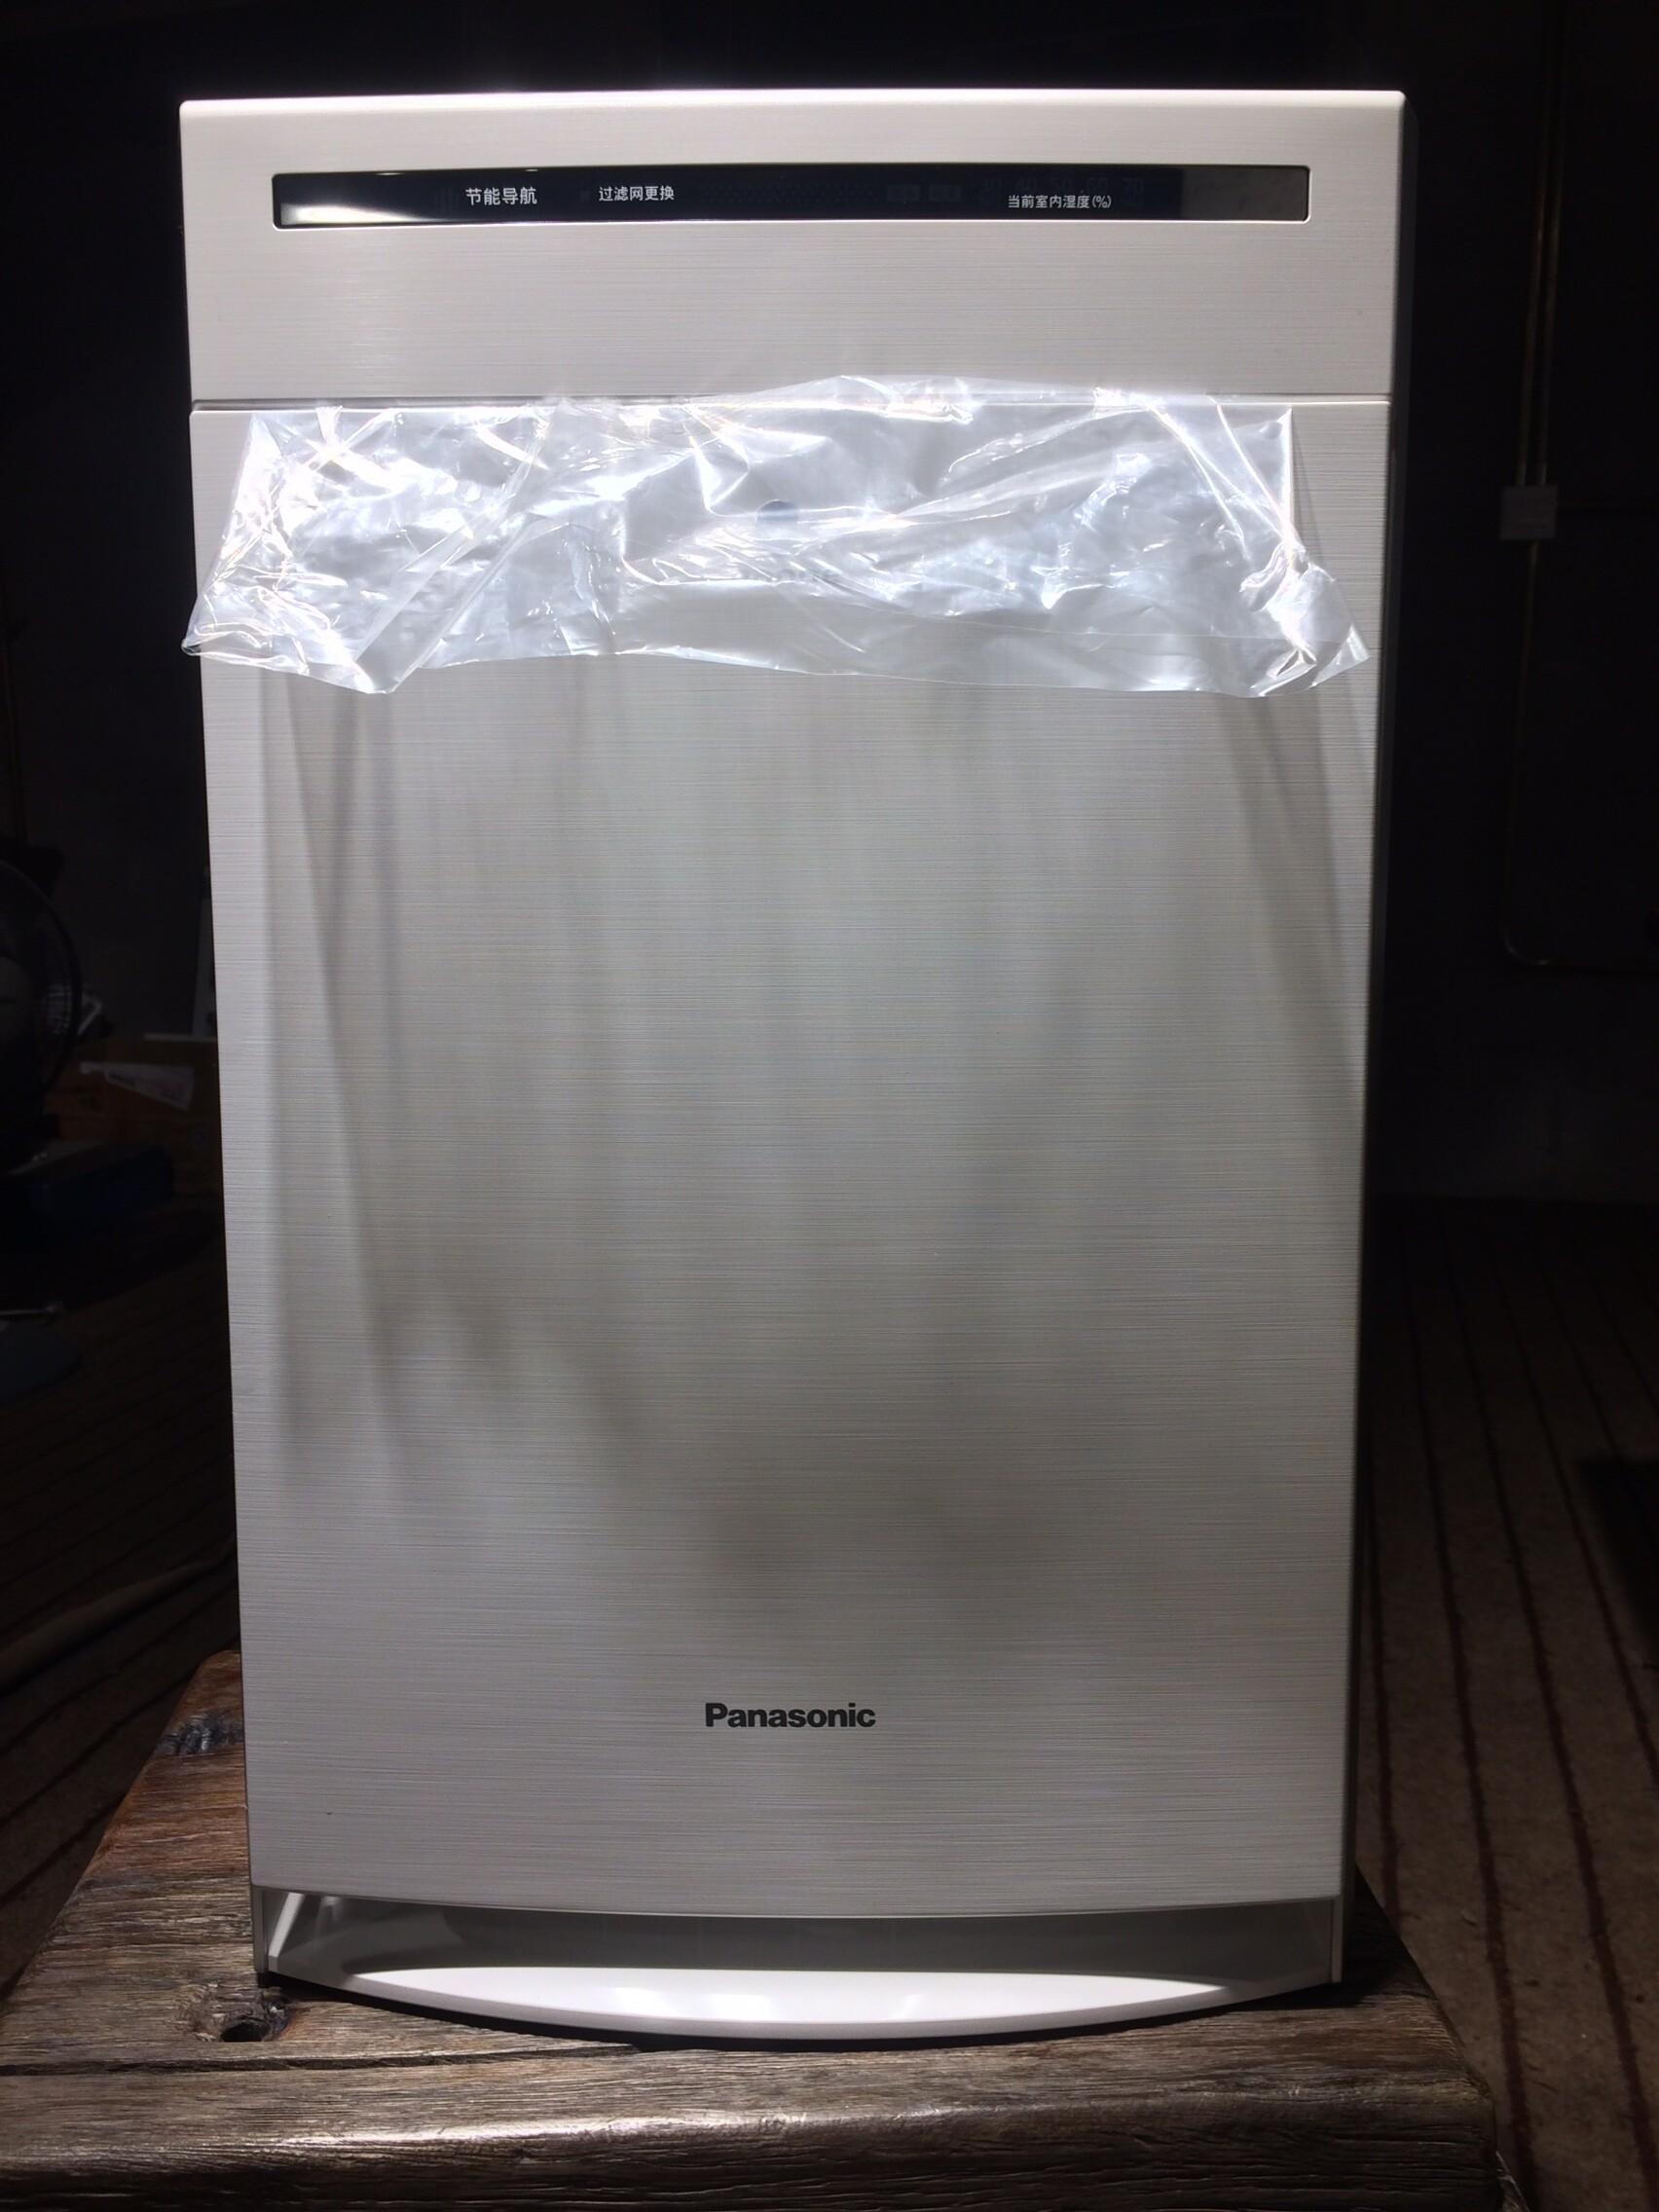 全新松下faav40v白色加湿空气净化器